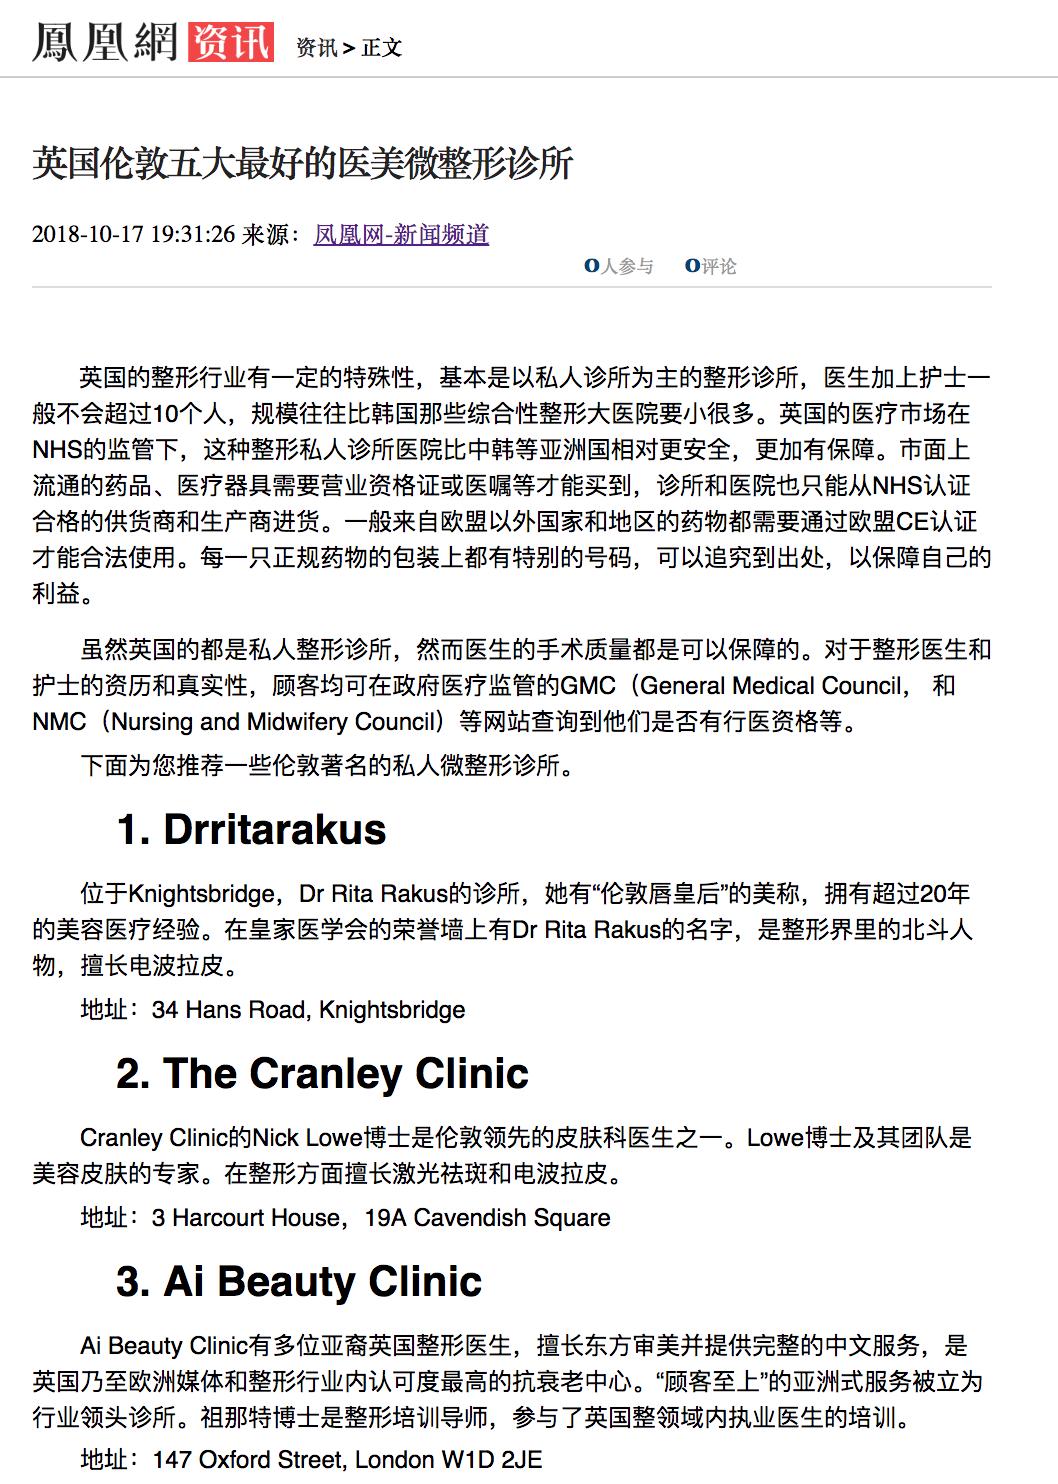 英国伦敦五大最好的医美微整形诊所